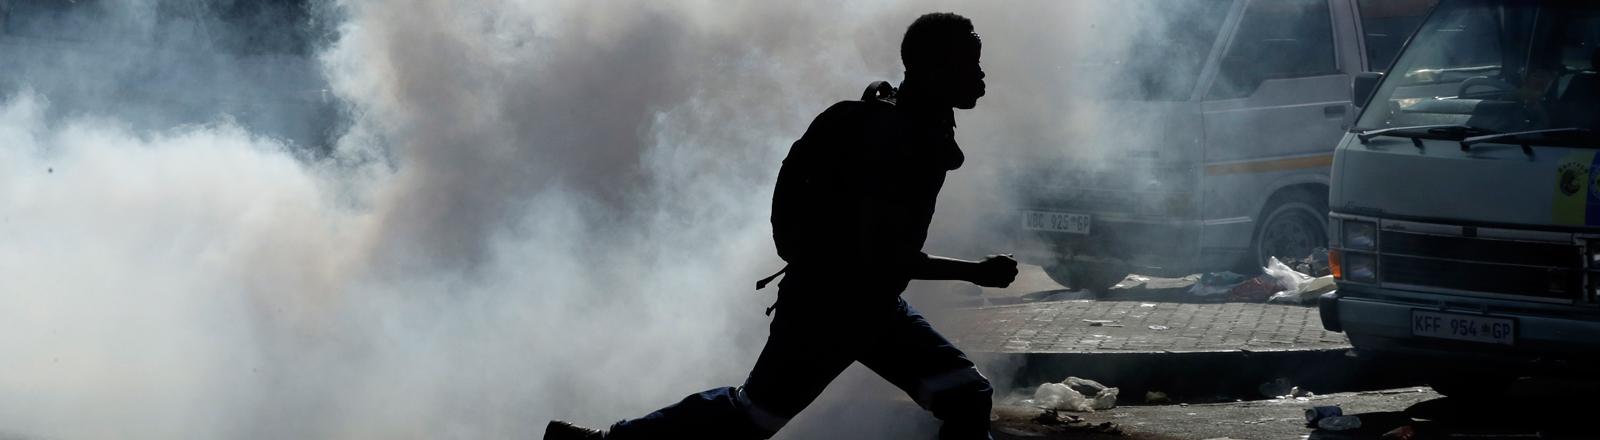 03.09.2019, Südafrika, Johannesburg: Ein Mann rennt vor Tränengas davon, nachdem er sich mit Waren aus einem Geschäft in Germiston östlich von Johannesburg eingedeckt hatte. Die Polizei hatte zuvor bei Unruhen Gummigeschosse auf die Plünderer abgefeuert.